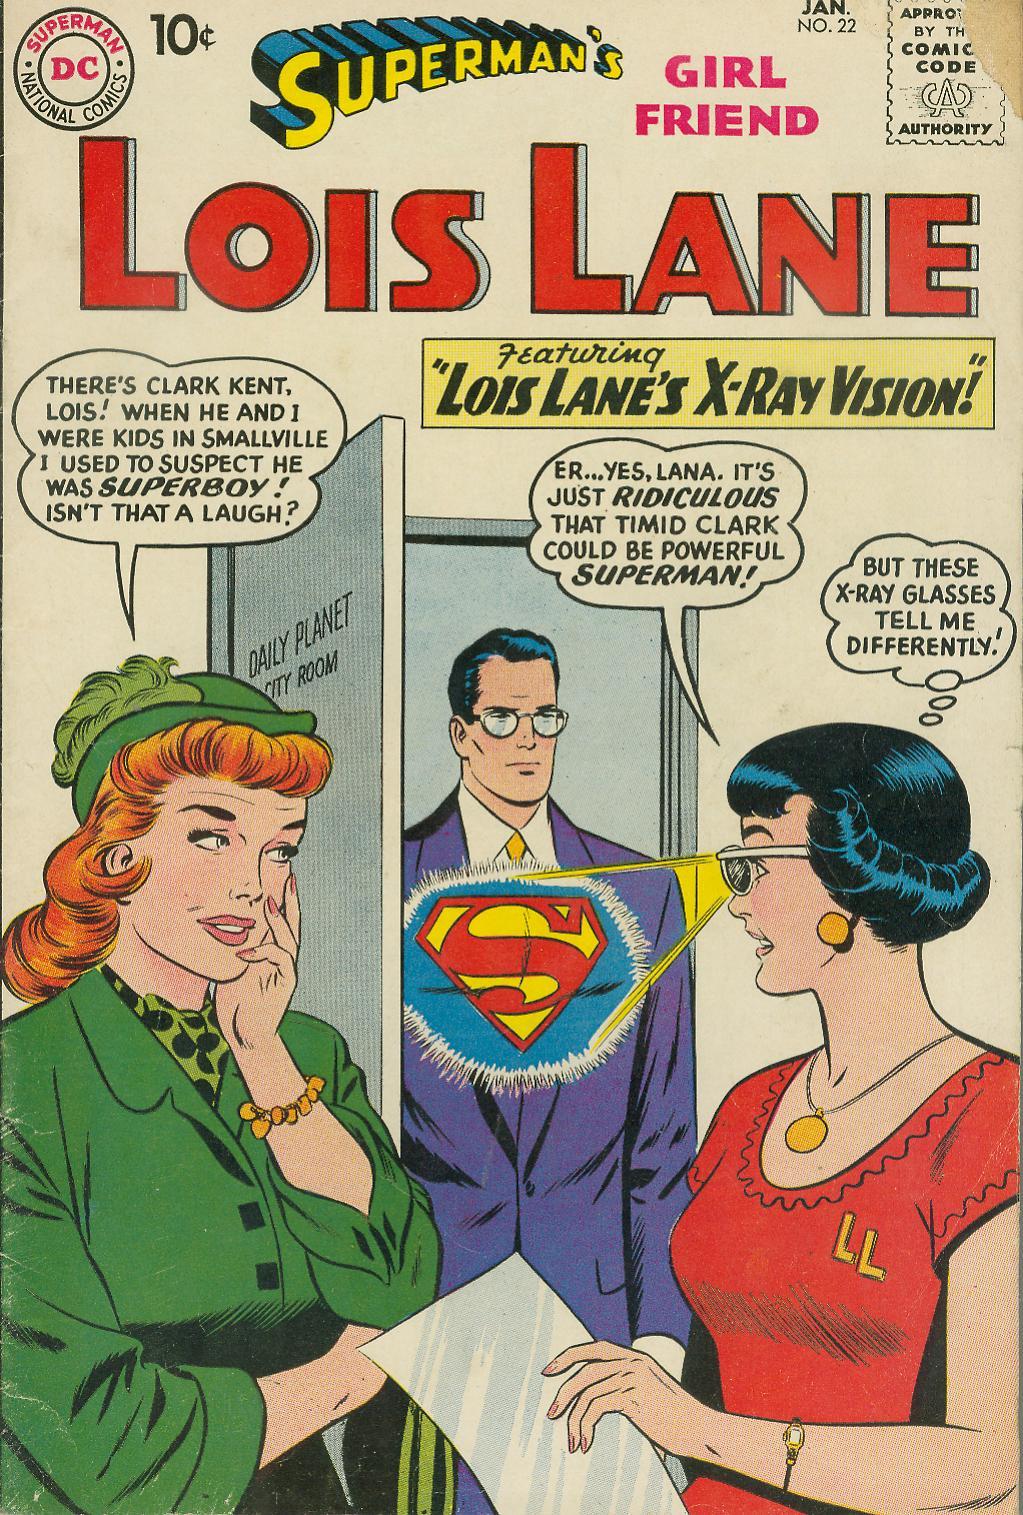 Supermans Girl Friend, Lois Lane 22 Page 1